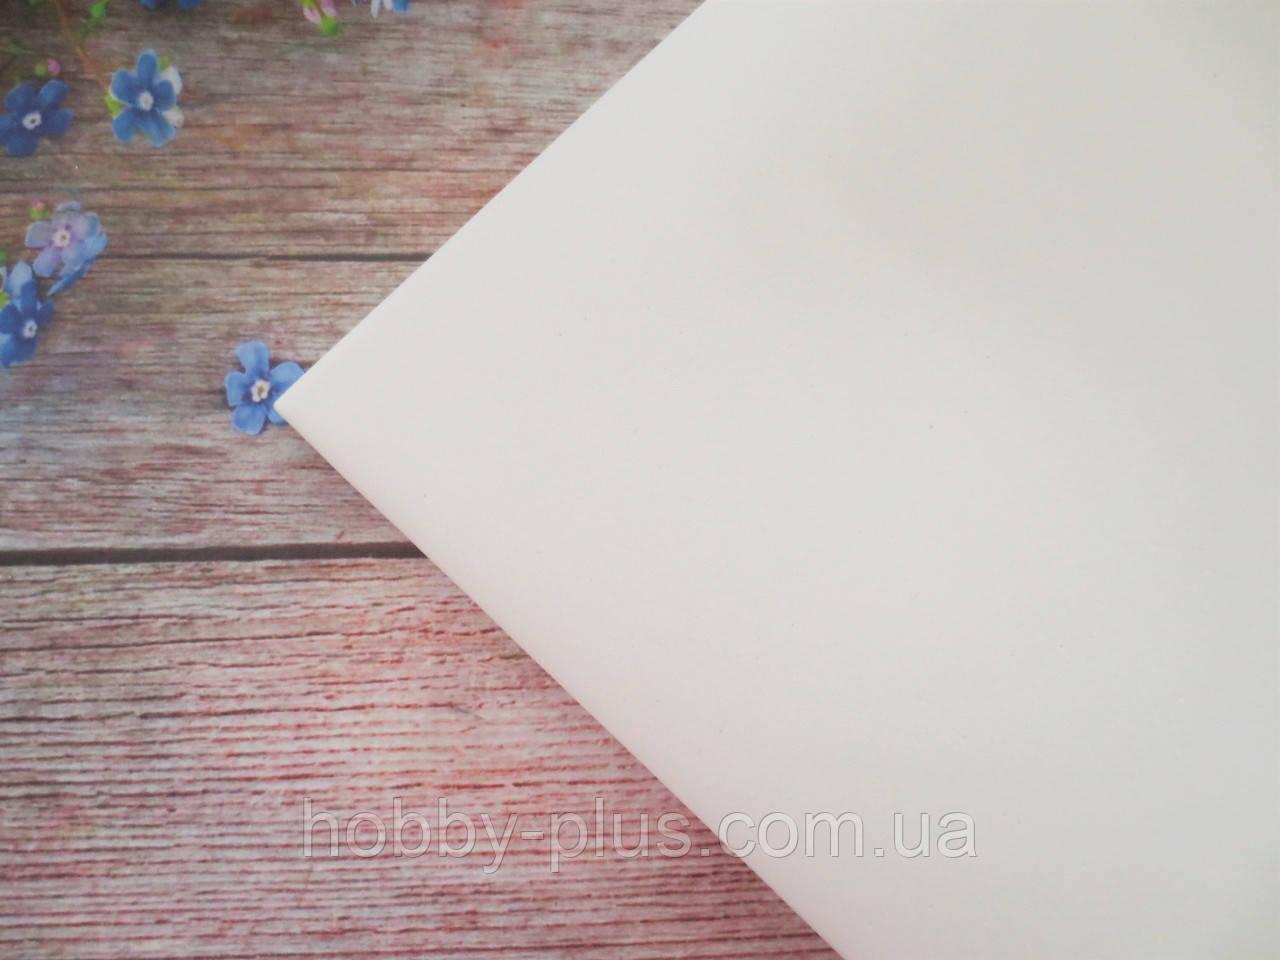 Фоамиран 1 мм, 50х50 см, цвет АЙВОРИ